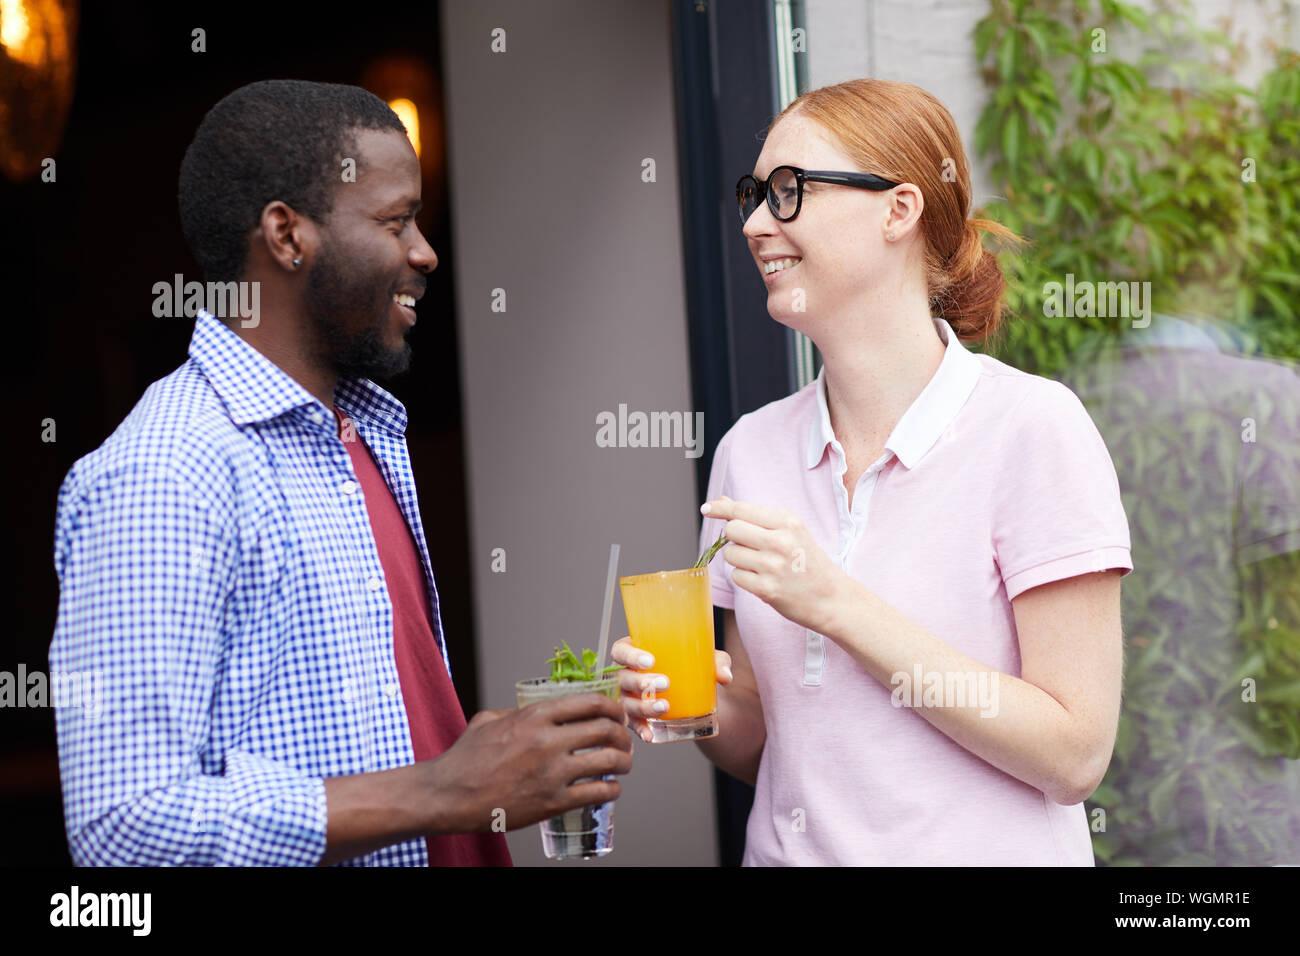 Waist up portrait of smiling young woman talking to African man à l'extérieur, à la fois froid maintenant des boissons rafraîchissantes, copy space Banque D'Images